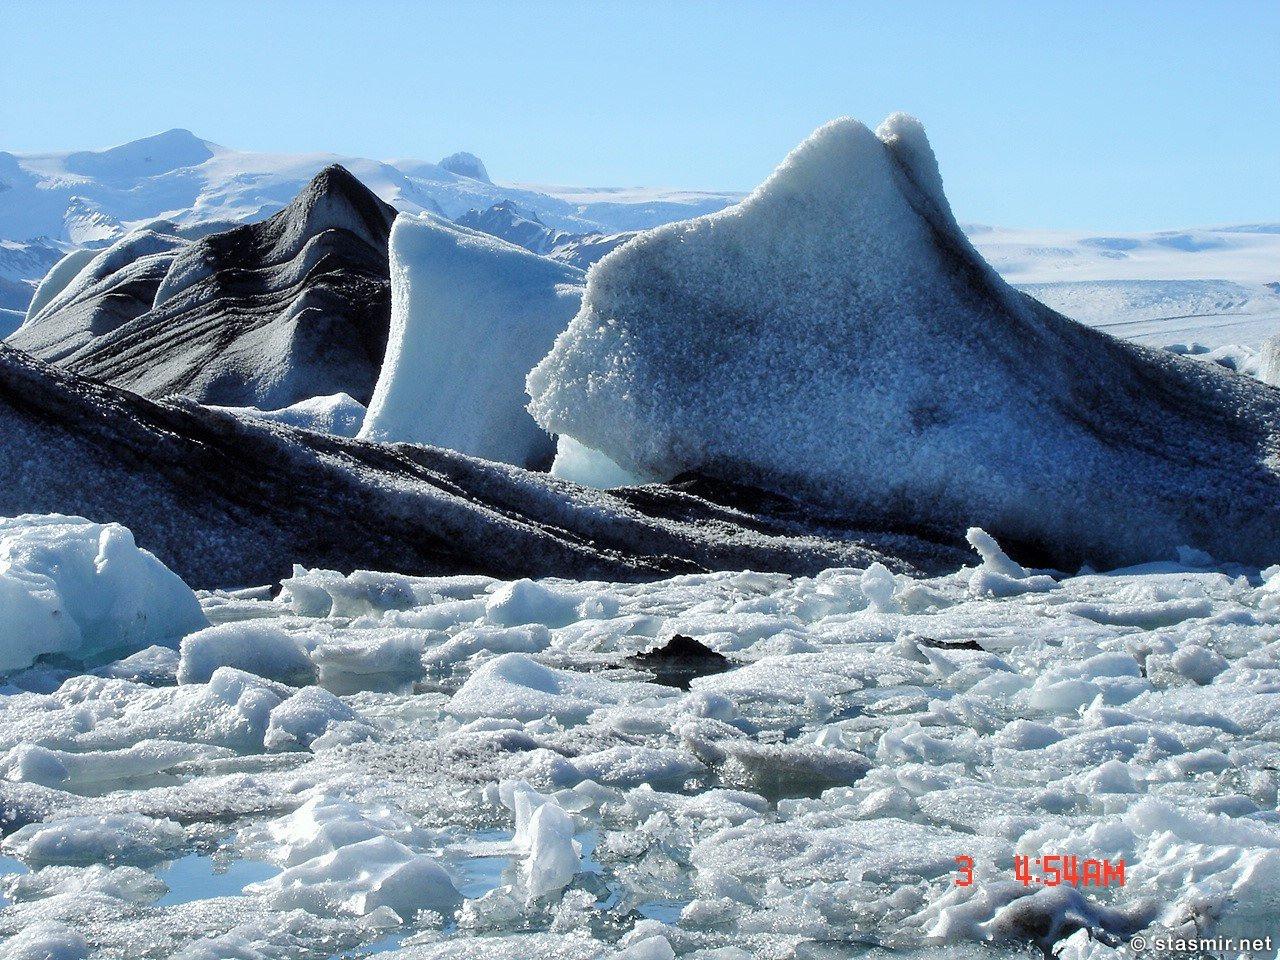 Йёкюльсаурлоун, Jökulsárlón - Ледниковая лагуна на Лендике Ватнайёкюдль, фото Стасмир, photo Stasmir